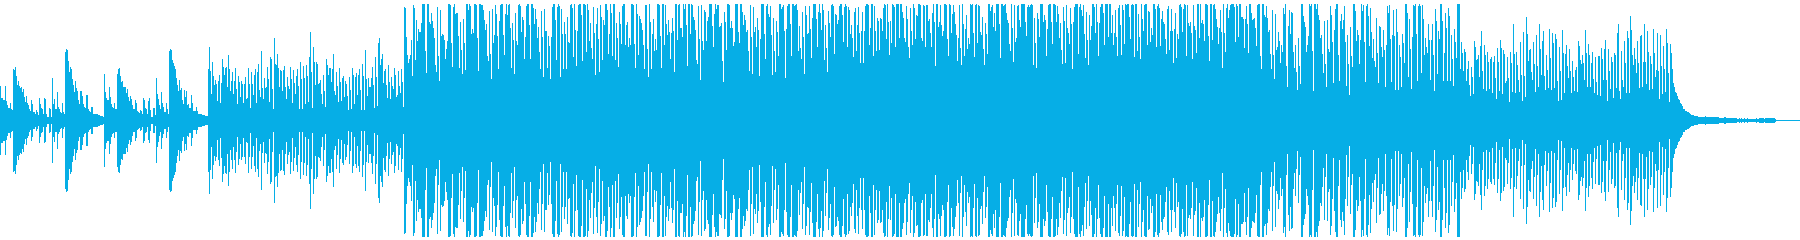 フレッシュな感じのする曲の再生済みの波形